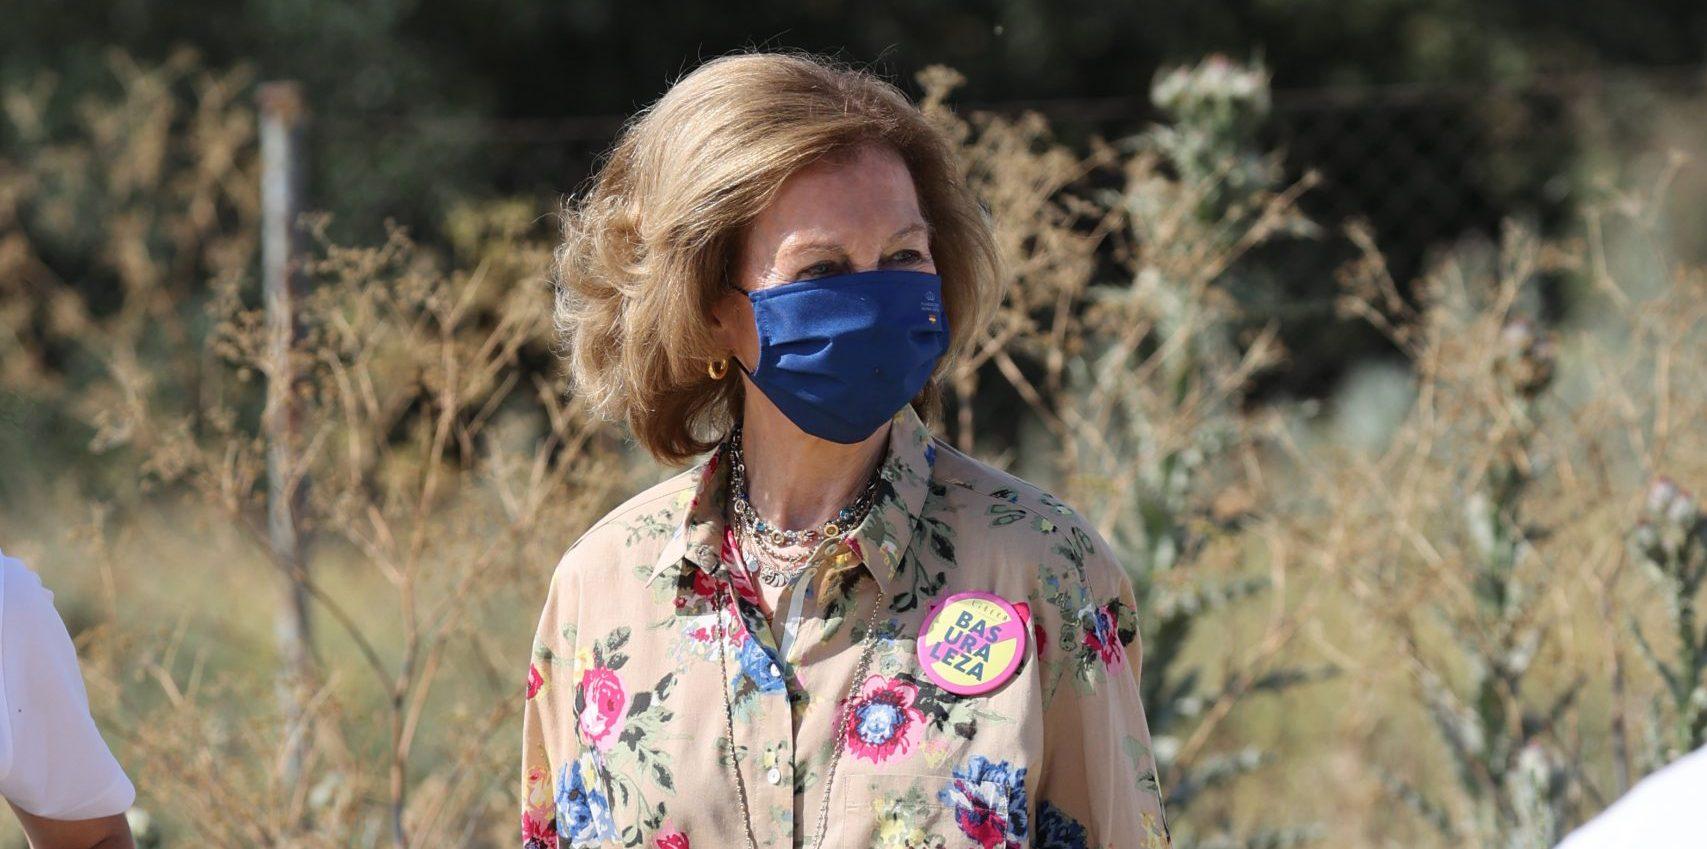 La Reina Sofía, junto a voluntarios, ha recogido los residuos abandonados en plena naturaleza, a 12 de junio de 2021, en Rivas-Vaciamadrid (España). REINA;RECOGIDA;BASURA;NATURALEZA;MEDIOAMBIENTE Raúl Terrel / Europa Press 12/6/2021